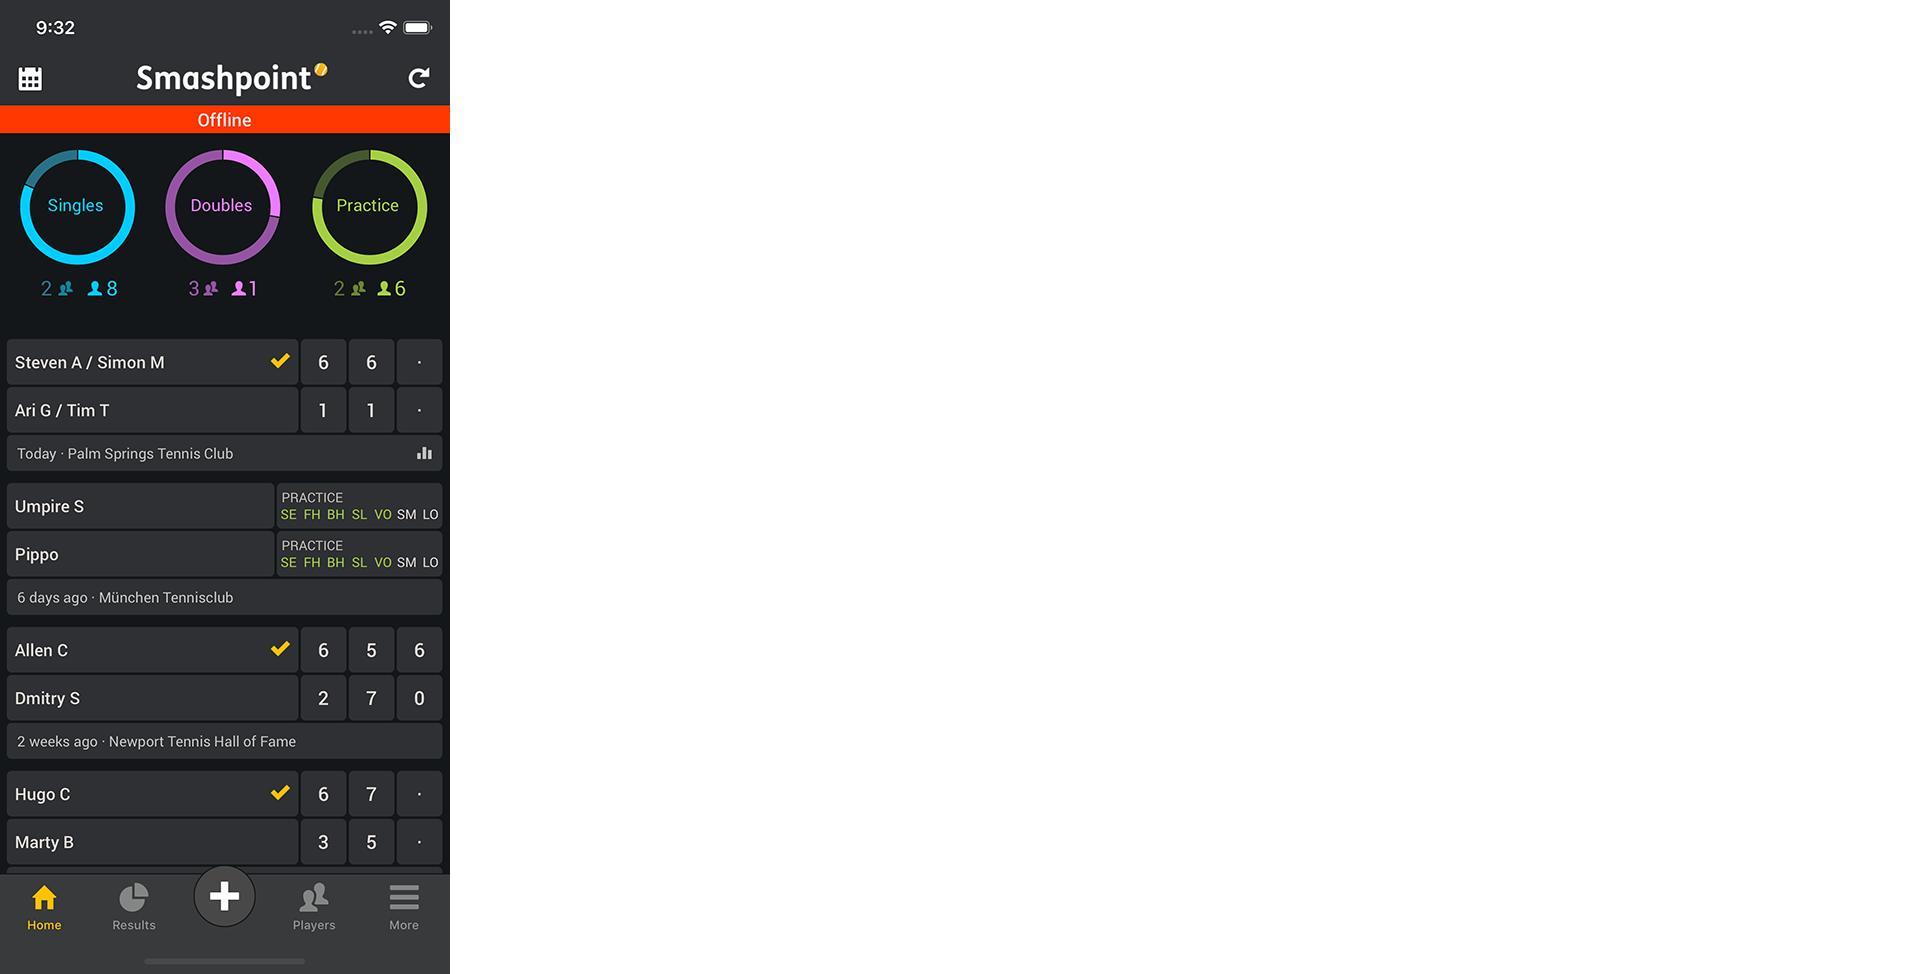 Smashpoint iOS App 2.2 Tour 5